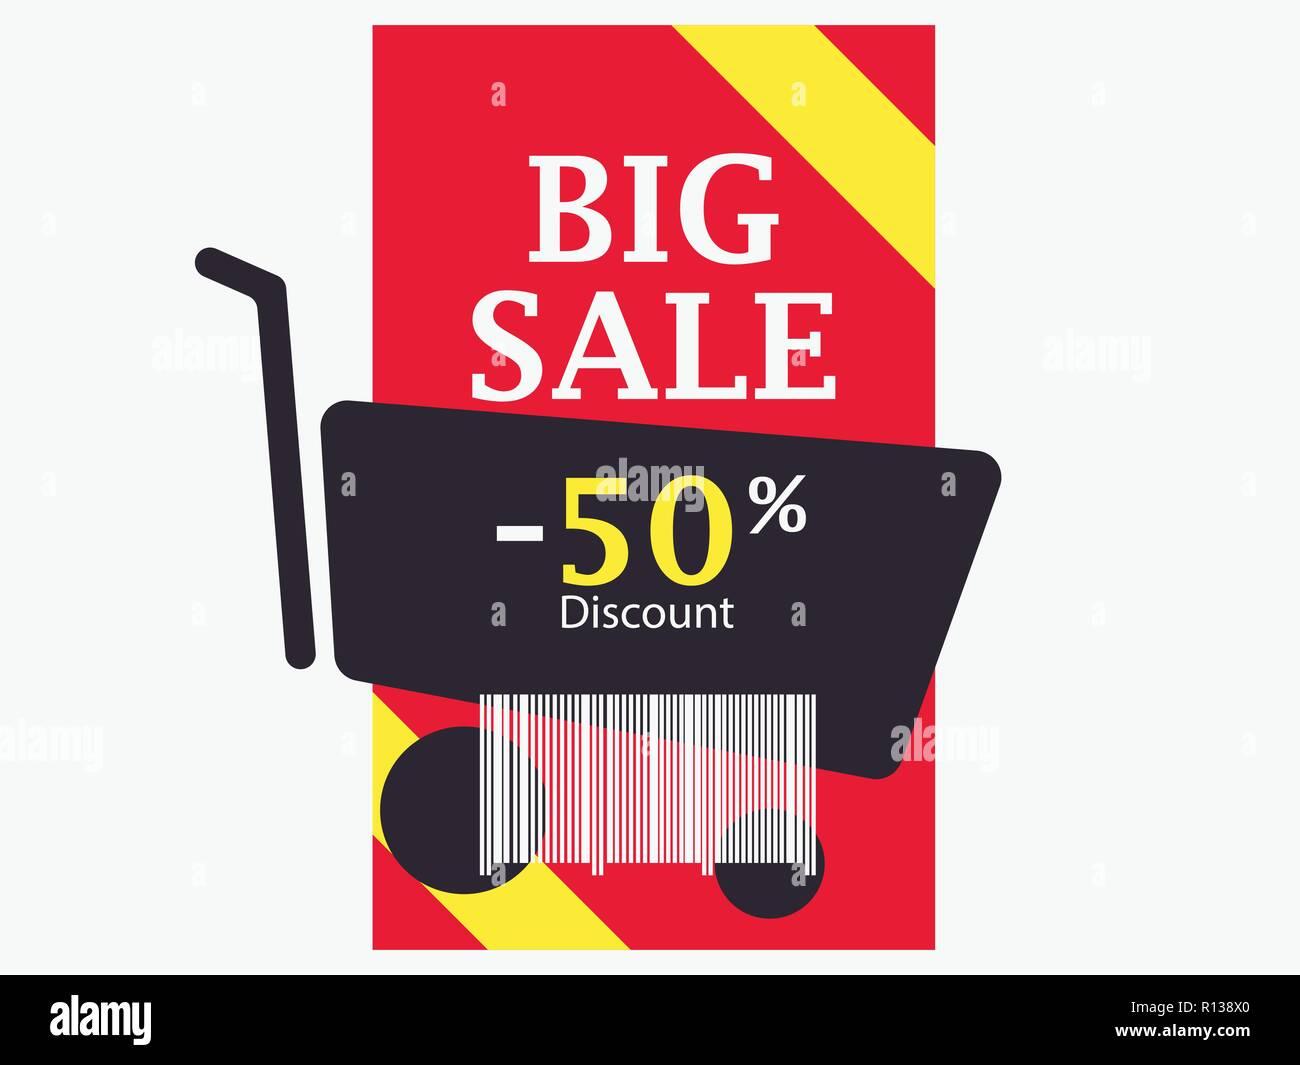 2e268c68030c01 Big Sale mit 50 Prozent Rabatt. Barcode- und Warenkorb. Trolley-Symbol.  Schwarzer Freitag. Vector Illustration